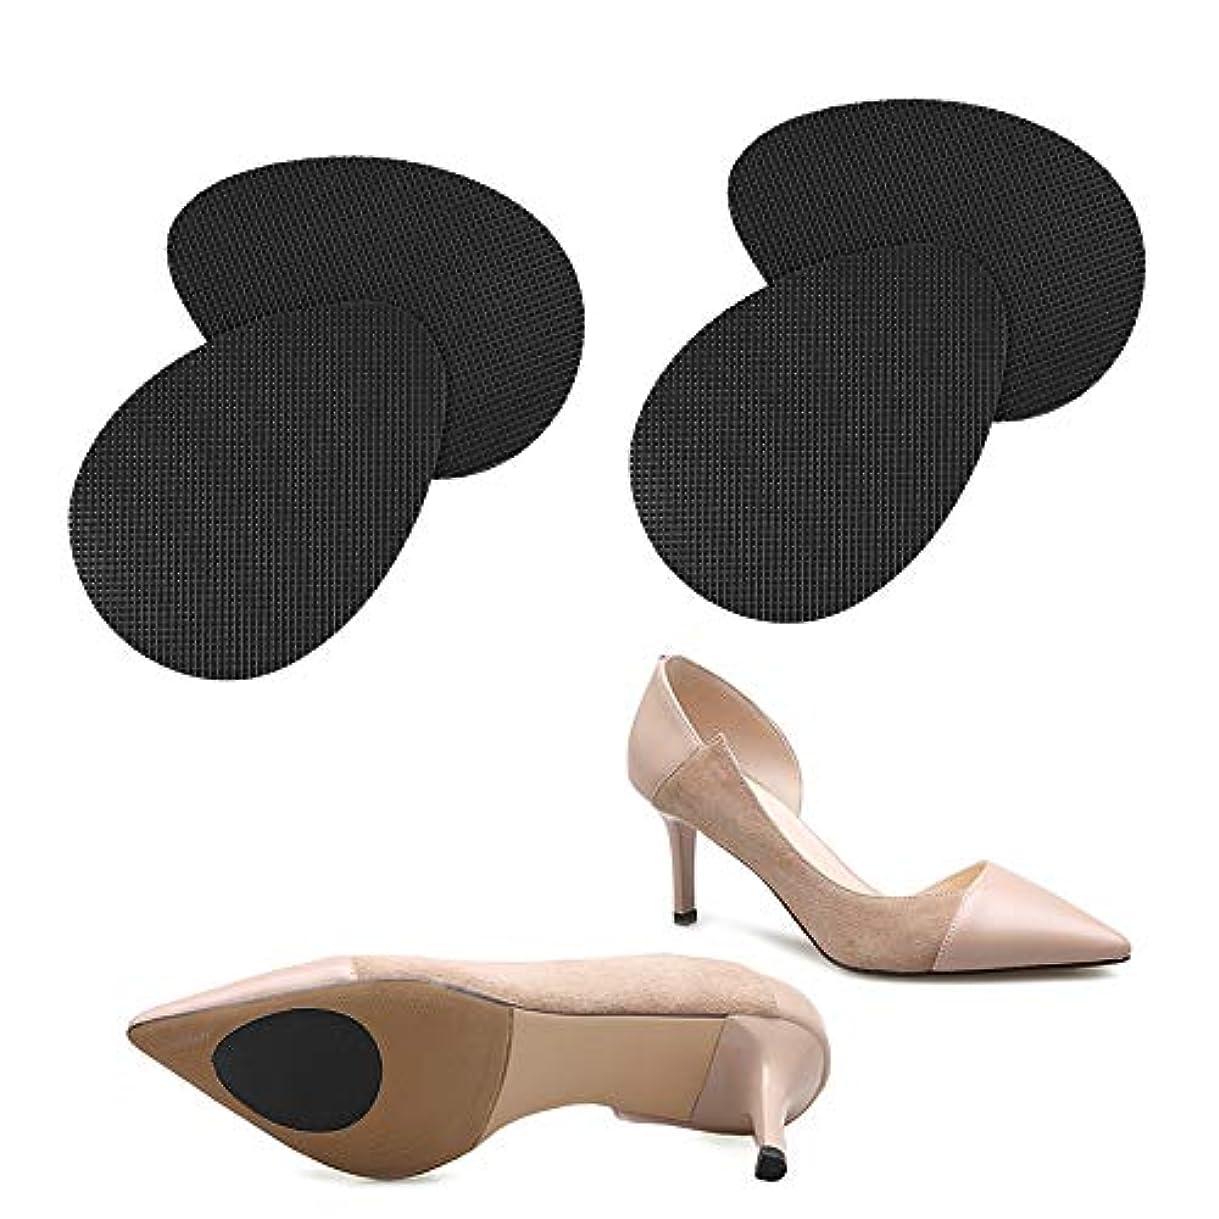 発疹くさびアンデス山脈靴 滑り止め ステッカー,LINECY 【スリップガード】靴保護 シート つま先&かかと 靴底補修 滑り止め (2足4枚いり)